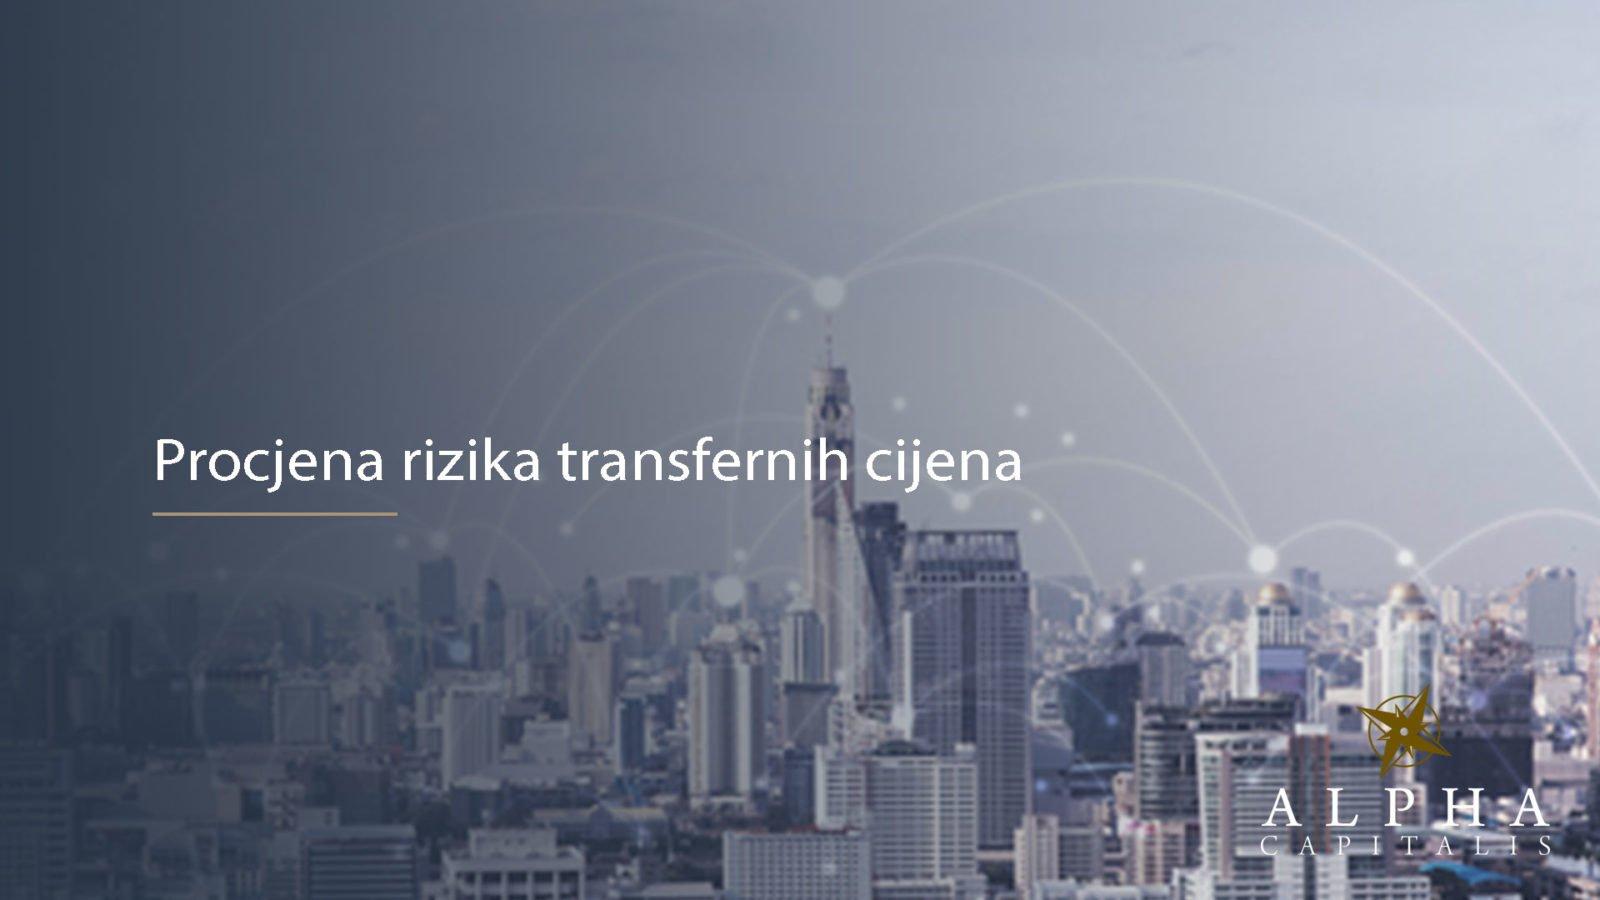 Transferne cijene rizik 2019 10 21 - Procjena rizika transfernih cijena